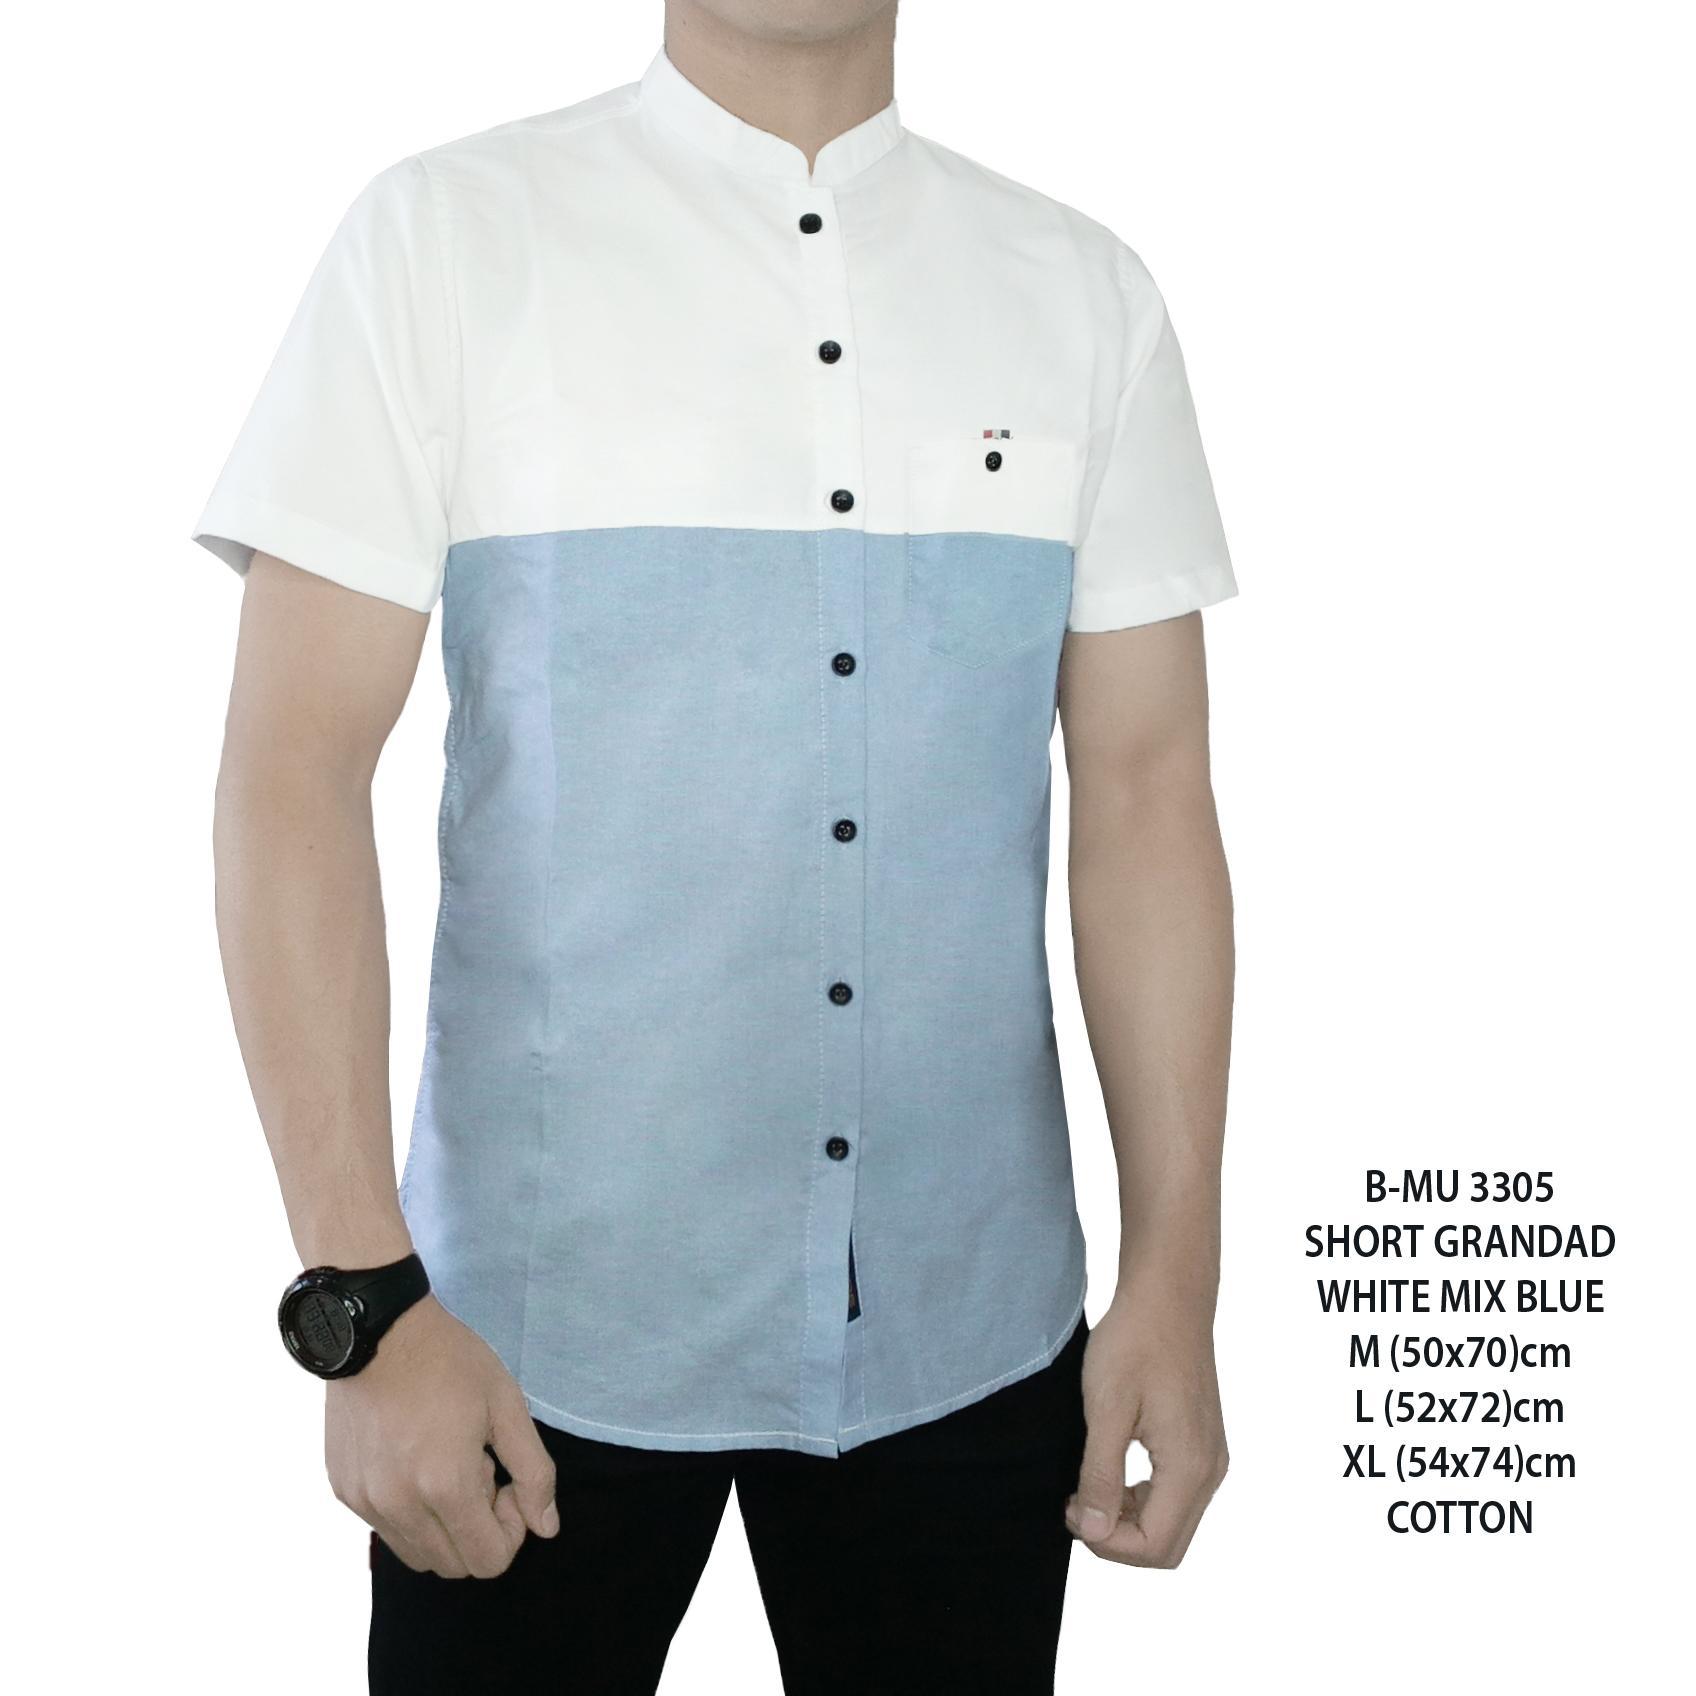 the most - Kemeja Pendek putih mix biru langit pria slimfit baju murah terlaris baju pantai atasan cowok santai adem distro bandung modis putih corak biru kemeja casual